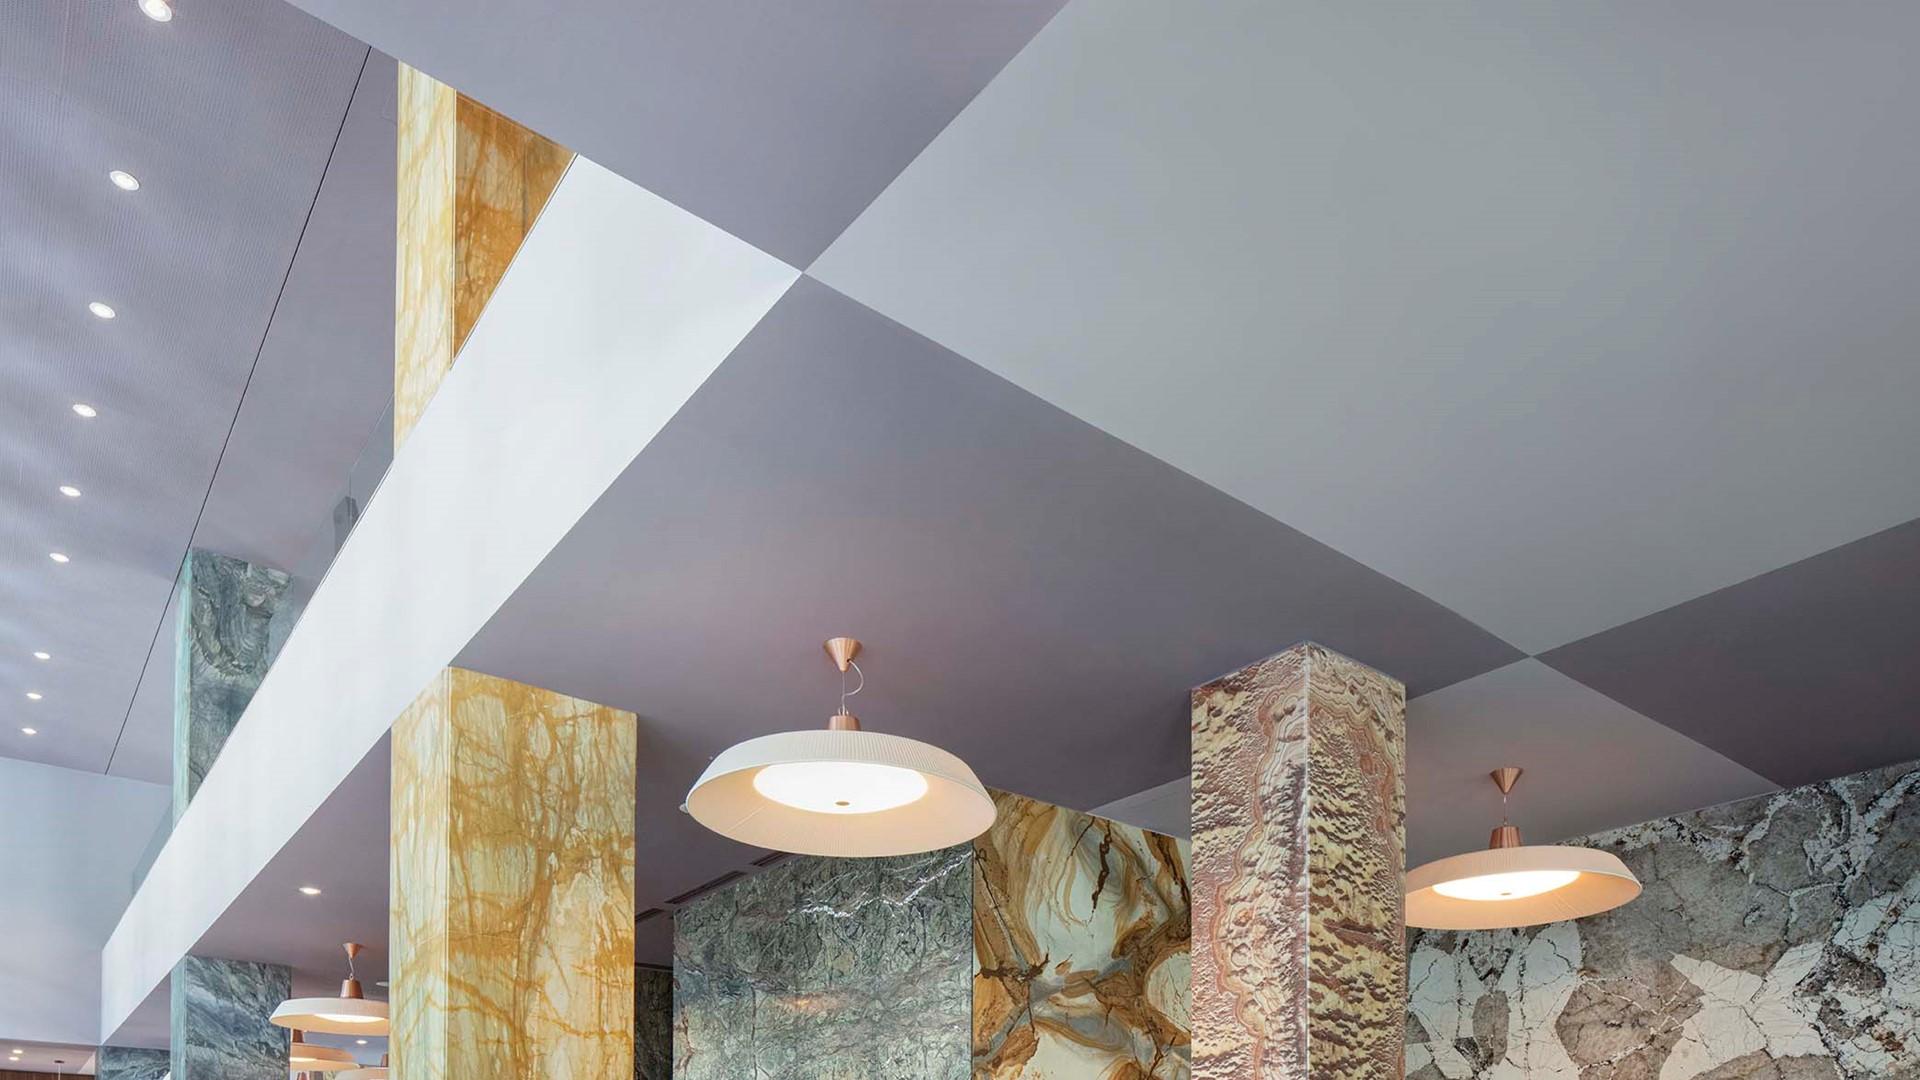 L'innovativo e raffinato Hotel Milano Verticale sceglie Caparol per i suoi interni esclusivi